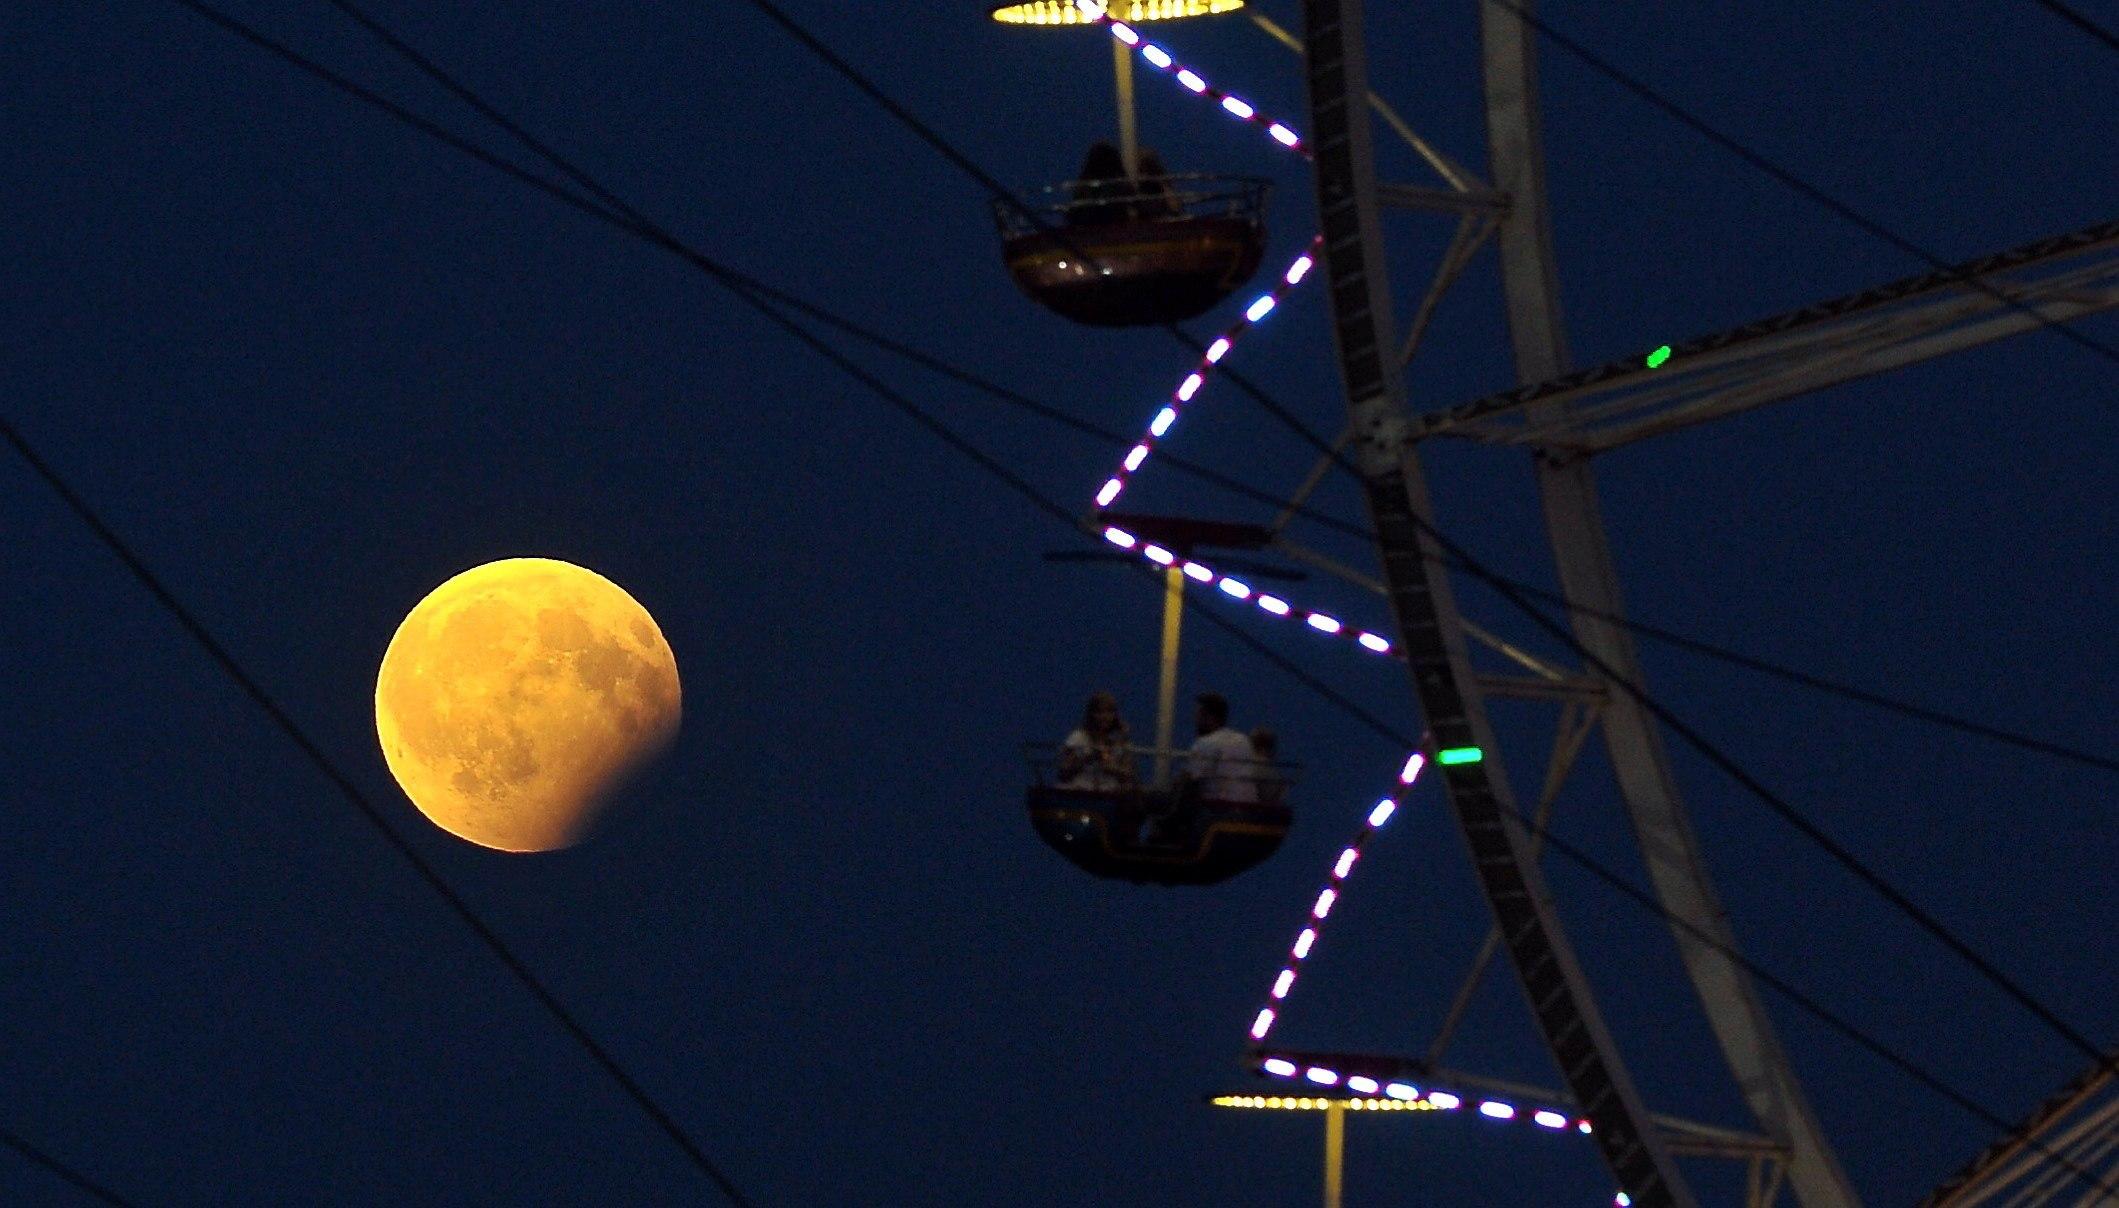 Vista de l'eclipsi de lluna parcial a Szczecin (Polònia). /MARCIN BIELECKI